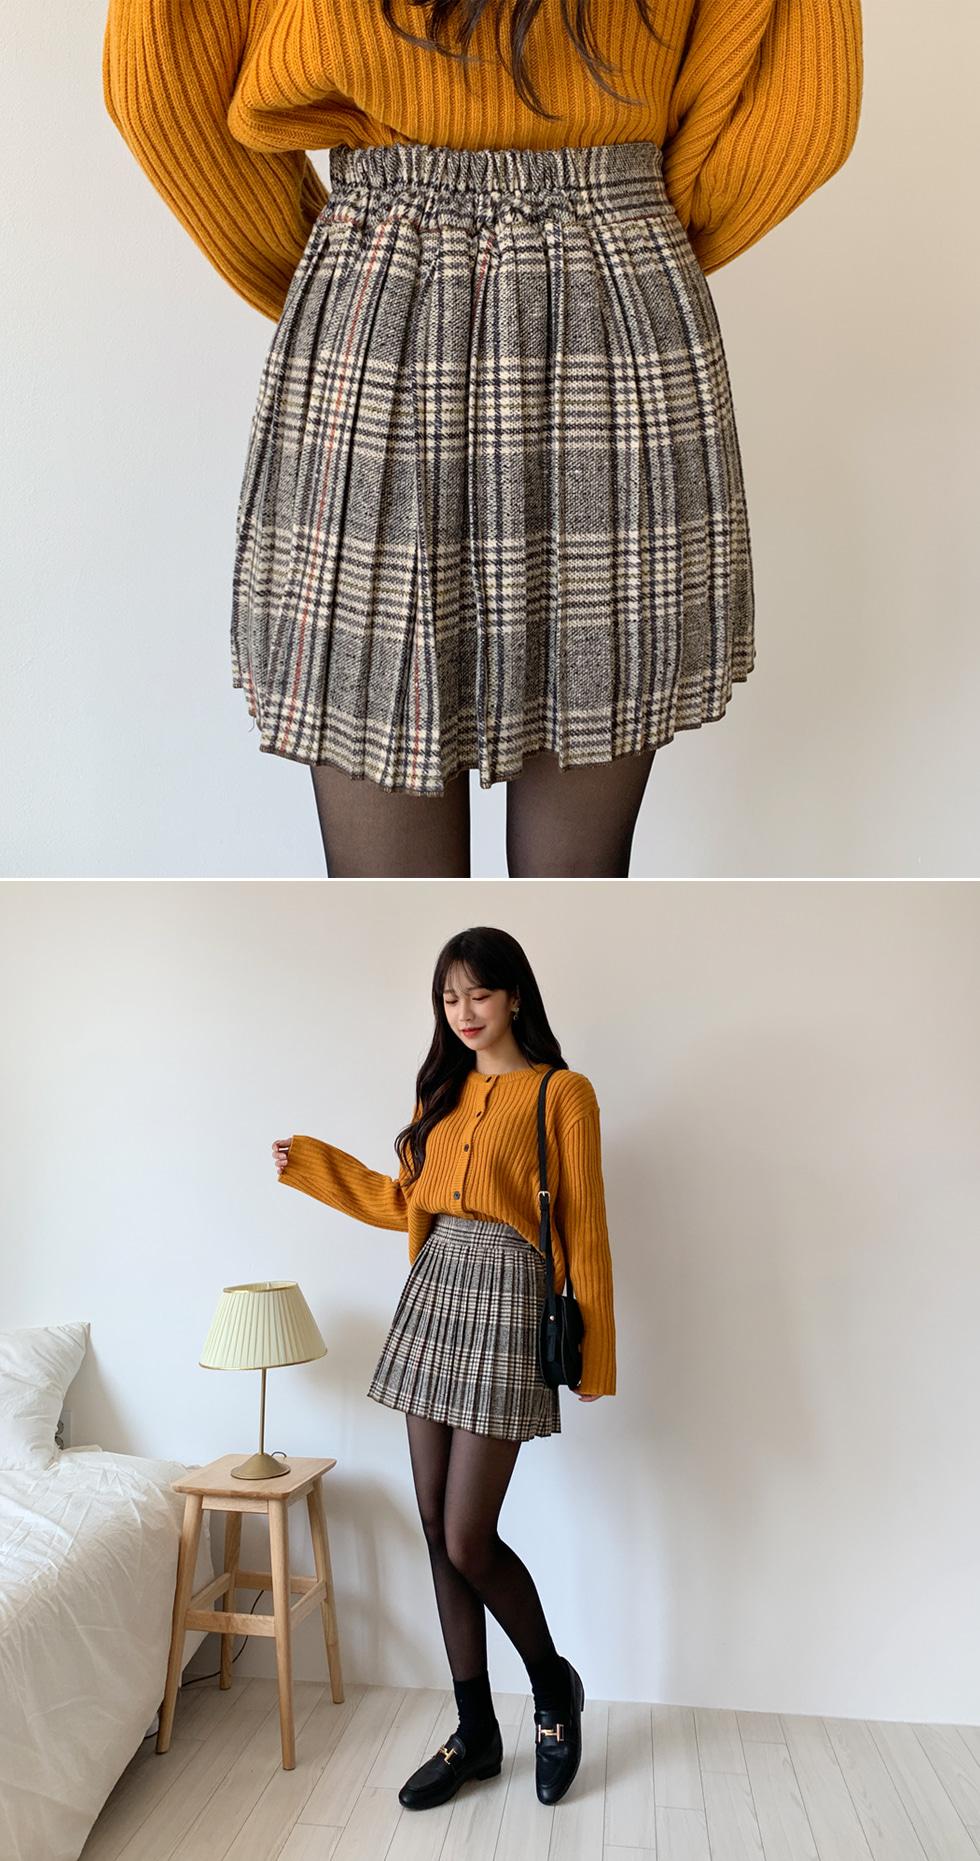 Pretzel check skirt